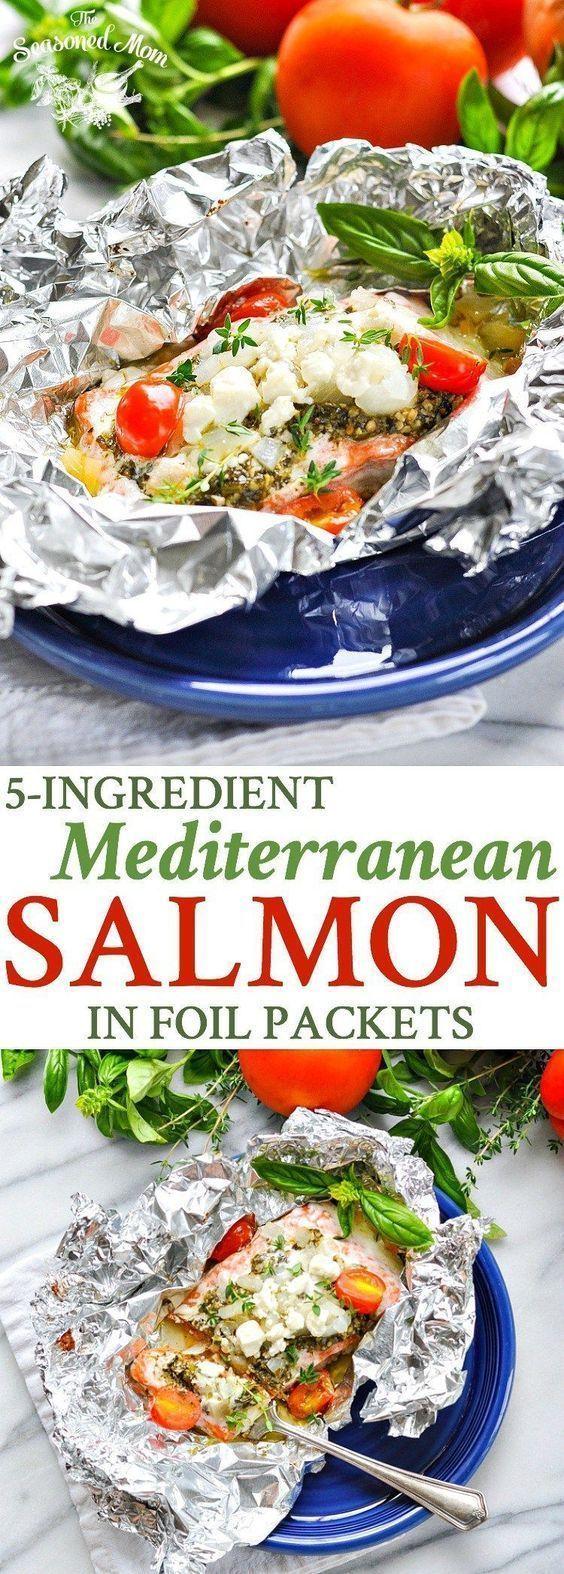 5 Ingredient Mediterranean Salmon In Foil Packets